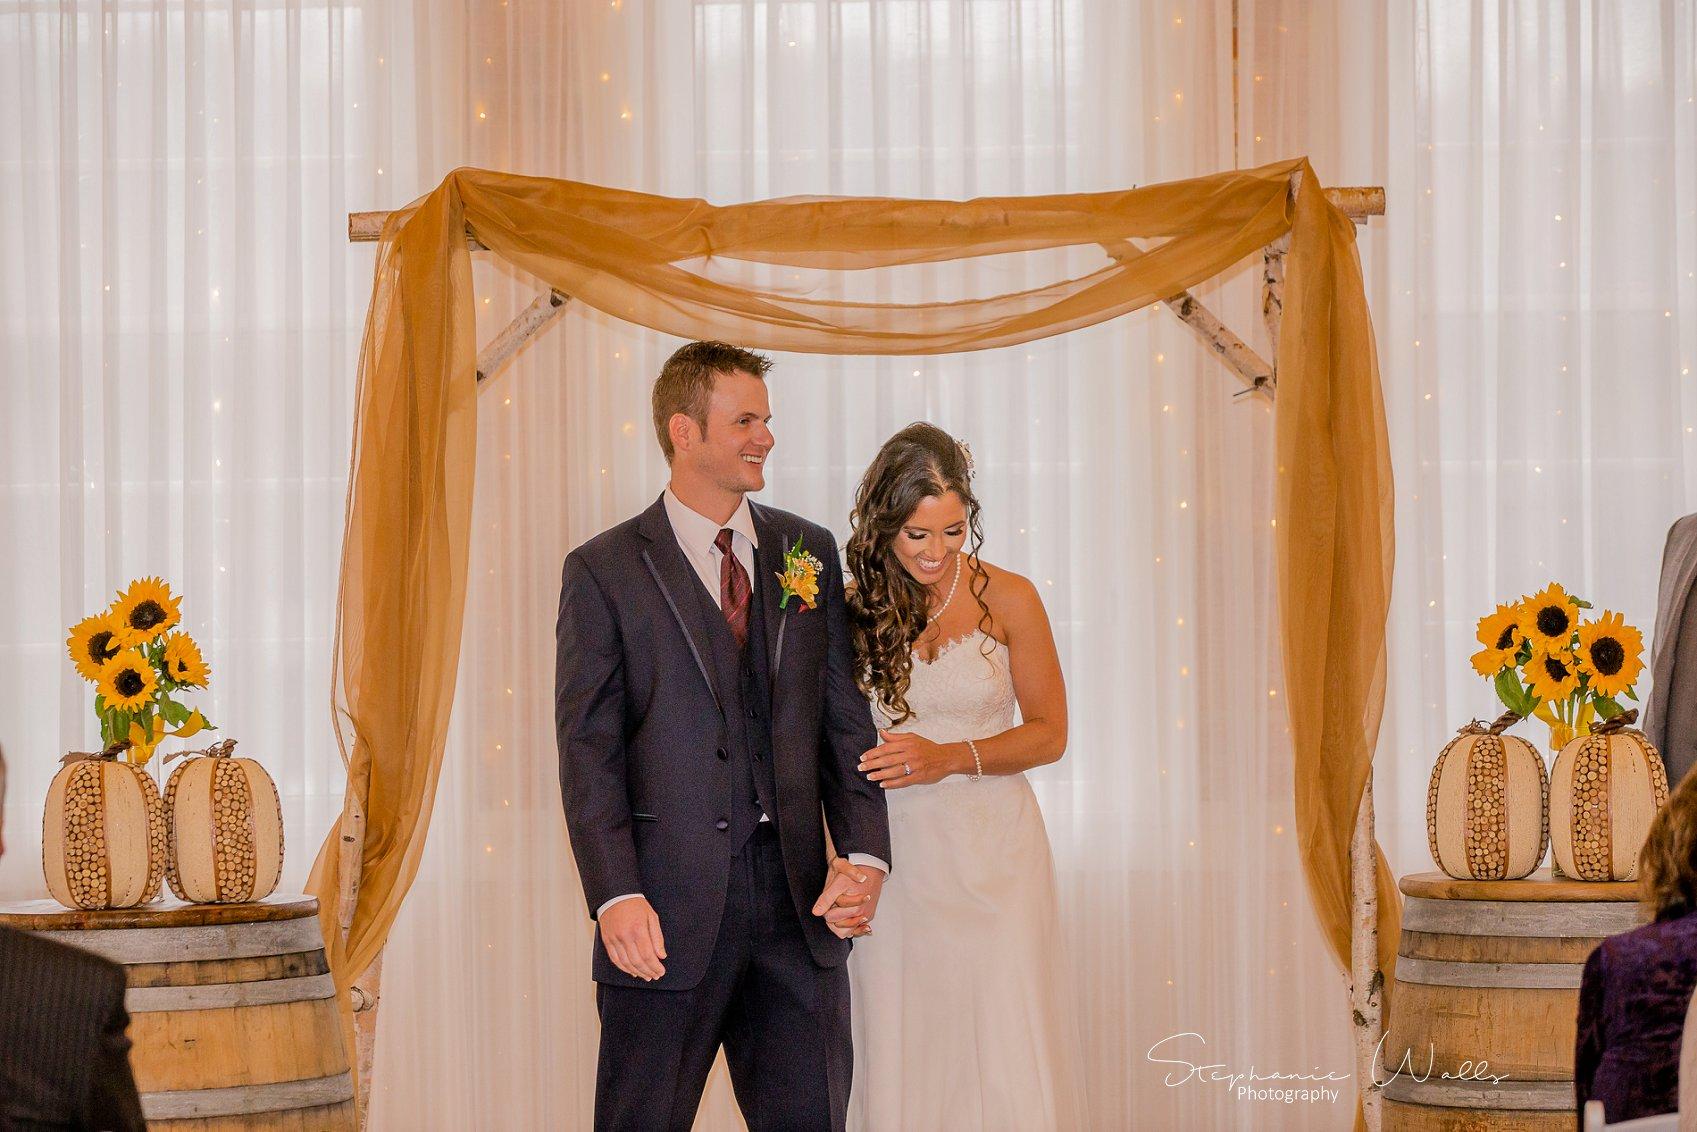 Ceremony 120 KK & Zack   Hollywood Schoolhouse Wedding   Woodinville, Wa Wedding Photographer